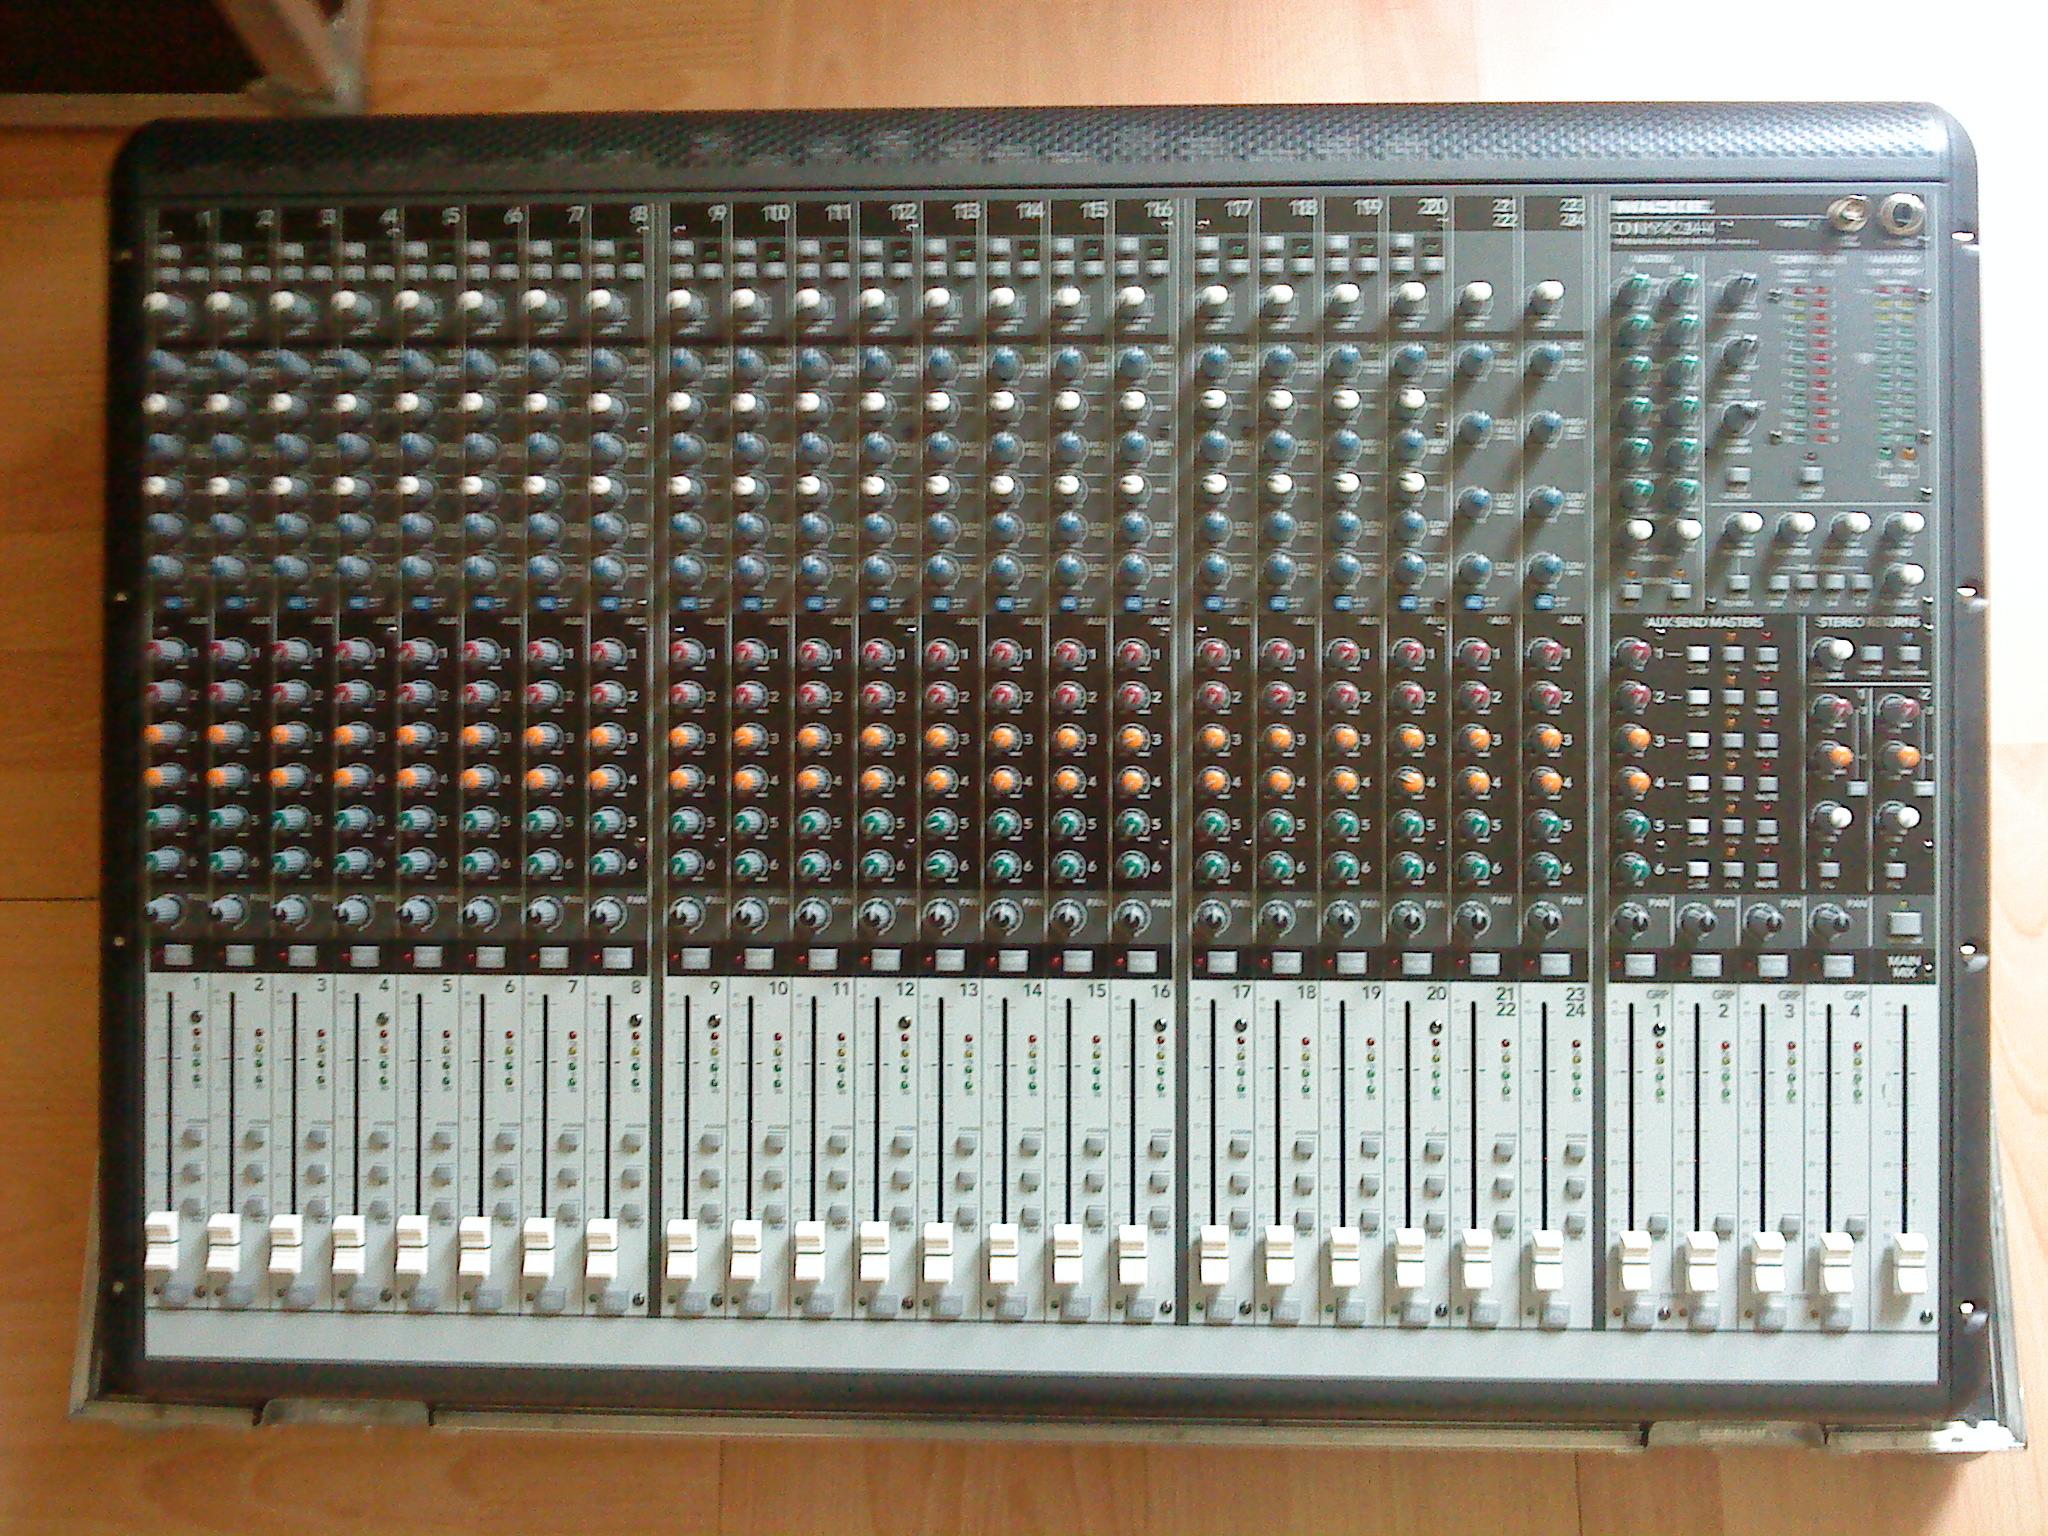 Mackie Onyx 24 4 : mackie onyx 24 4 bus image 492300 audiofanzine ~ Vivirlamusica.com Haus und Dekorationen